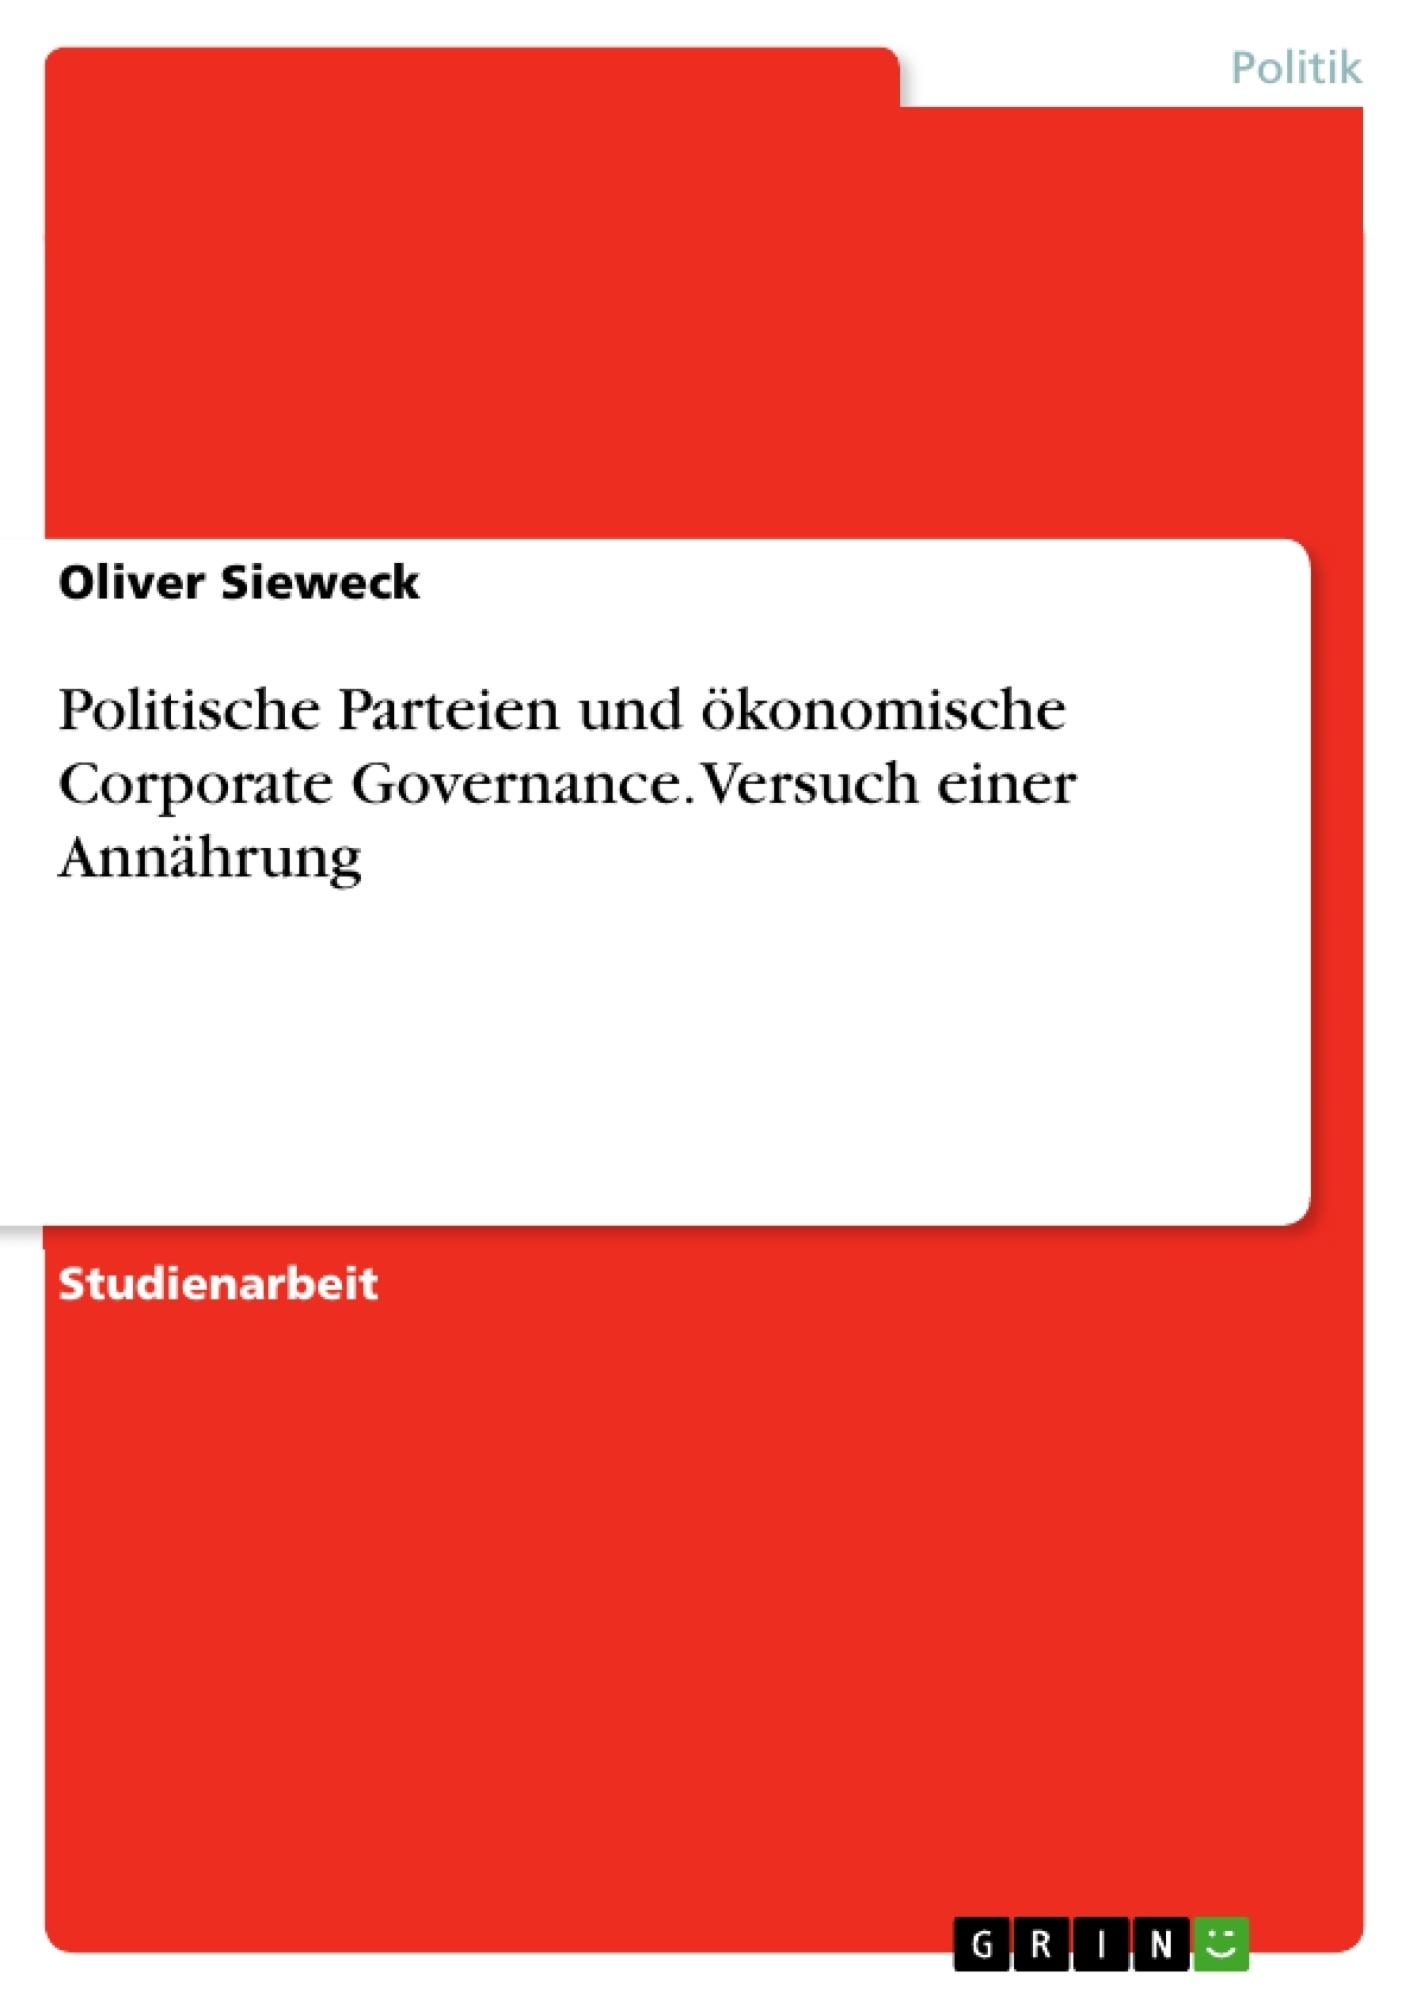 Titel: Politische Parteien und ökonomische Corporate Governance. Versuch einer Annährung